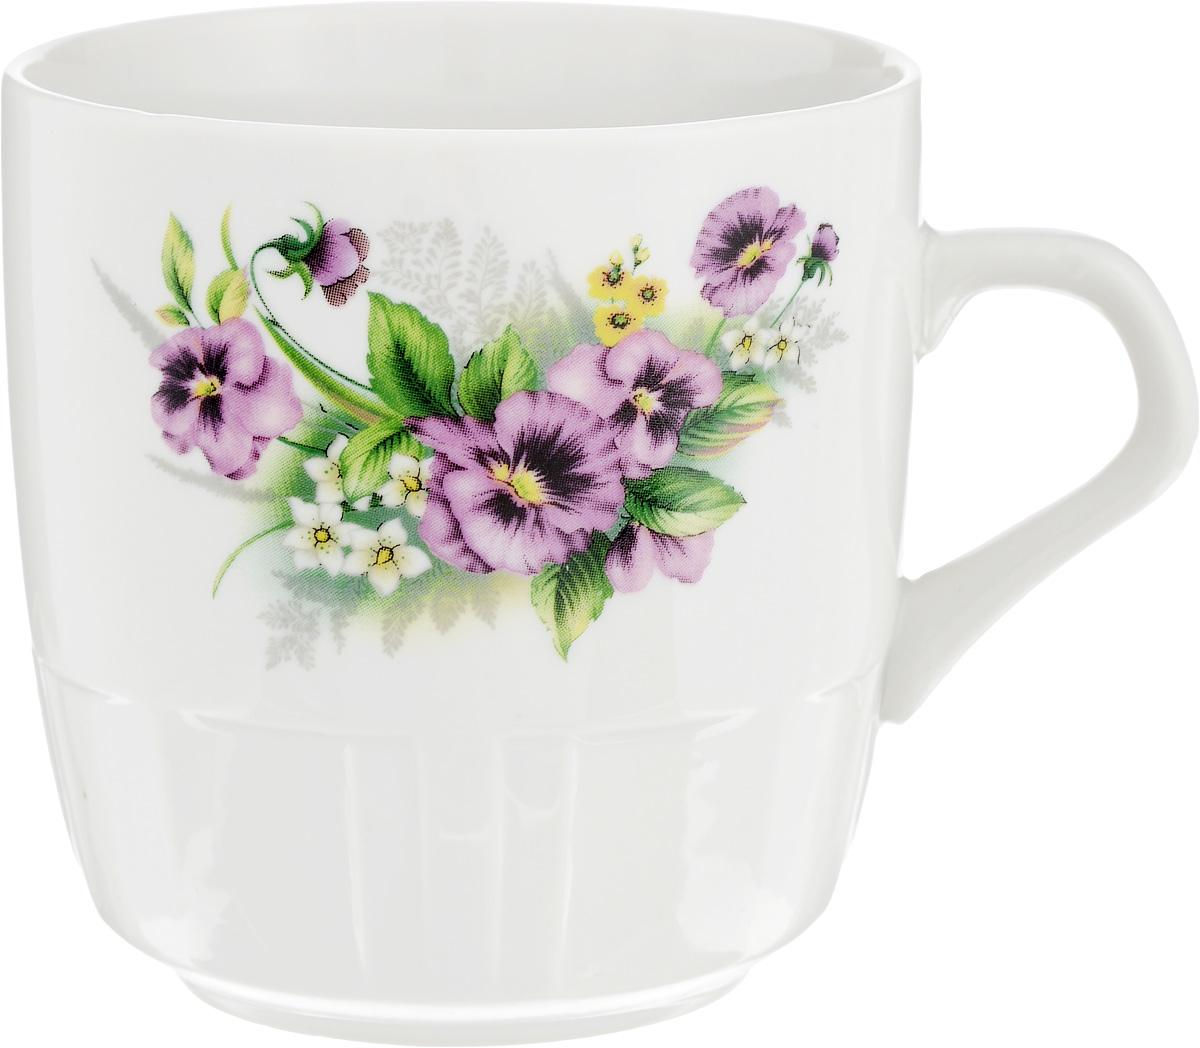 """Кружка Фарфор Вербилок """"Виола"""" способна  скрасить любое чаепитие. Изделие выполнено из  высококачественного фарфора. Посуда из такого  материала позволяет сохранить истинный вкус напитка, а  также помогает ему дольше оставаться теплым. Диаметр по верхнему краю: 8 см. Высота кружки: 8,5 см."""